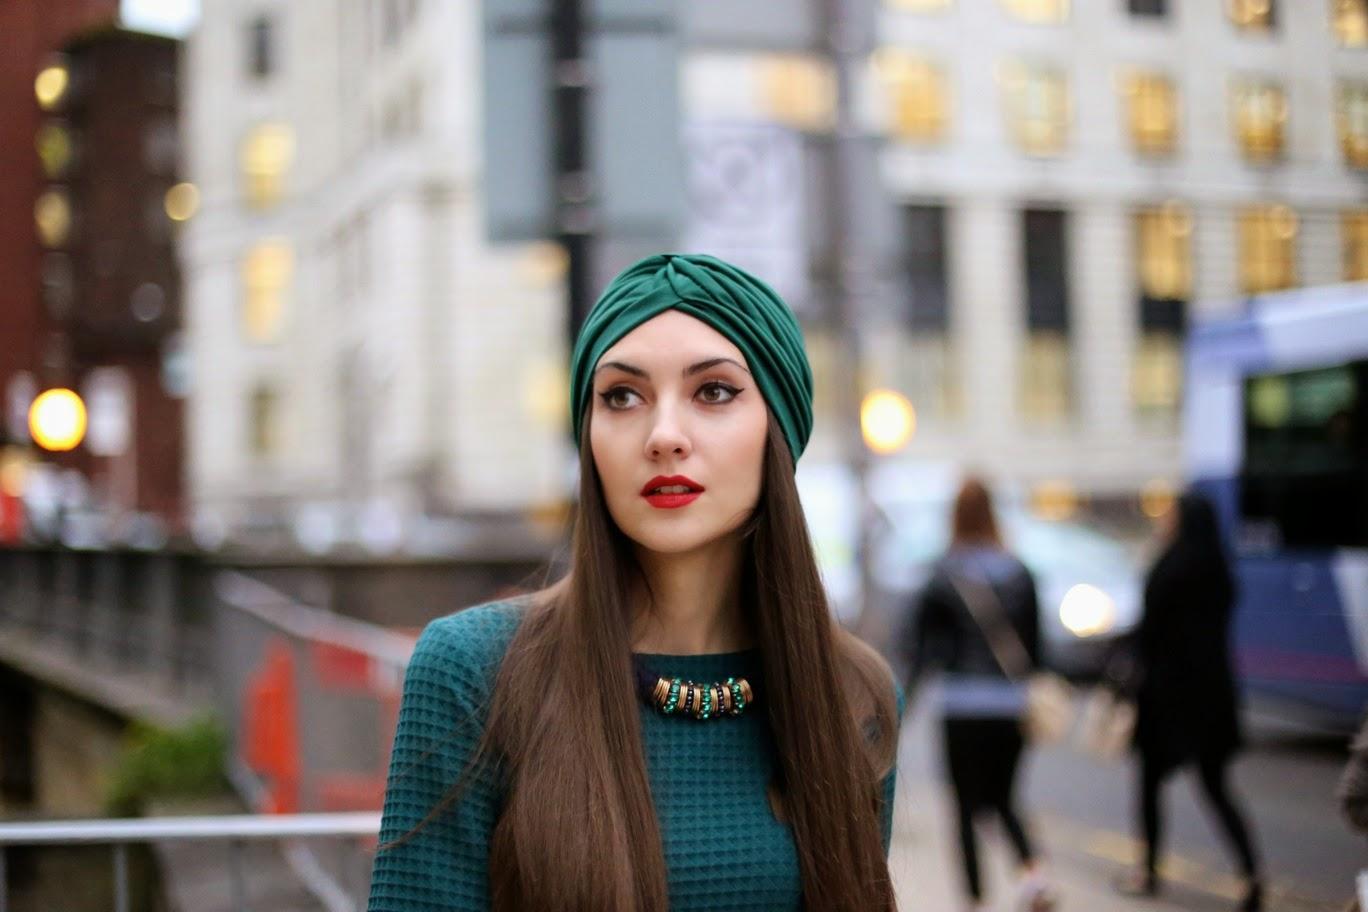 альтернатива шапки зимой, как носить тюрбан, шляпа на зиму 2014